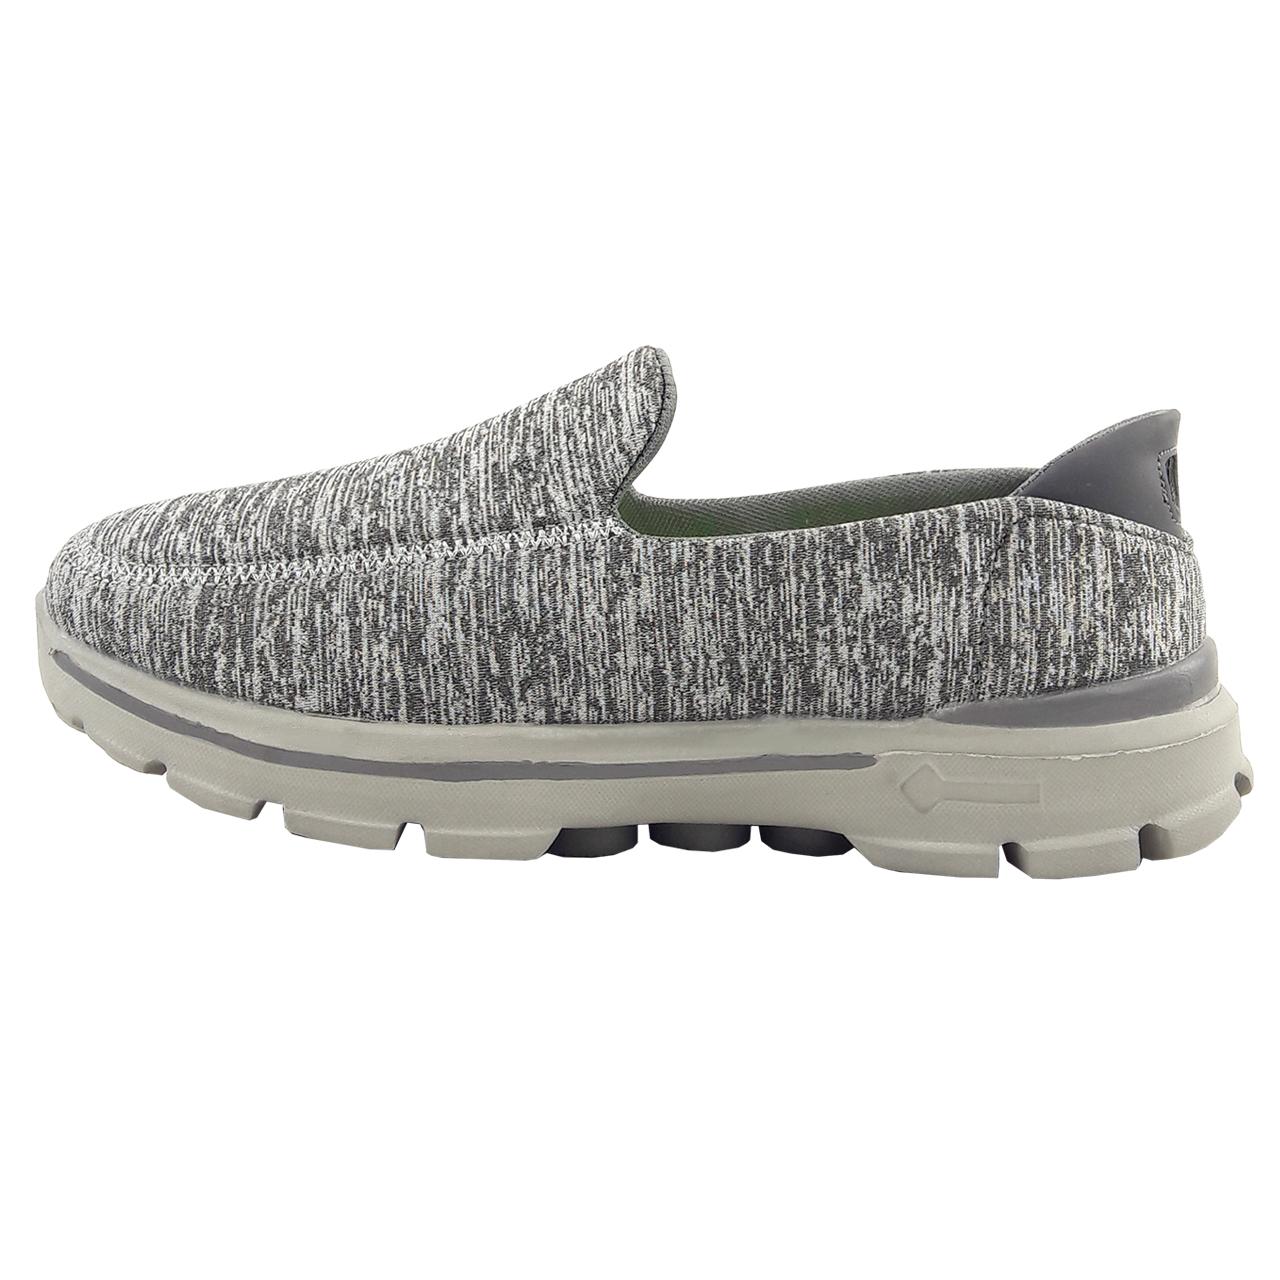 کفش مخصوص پیاده روی مردانه مدل World blue.comfort gry01